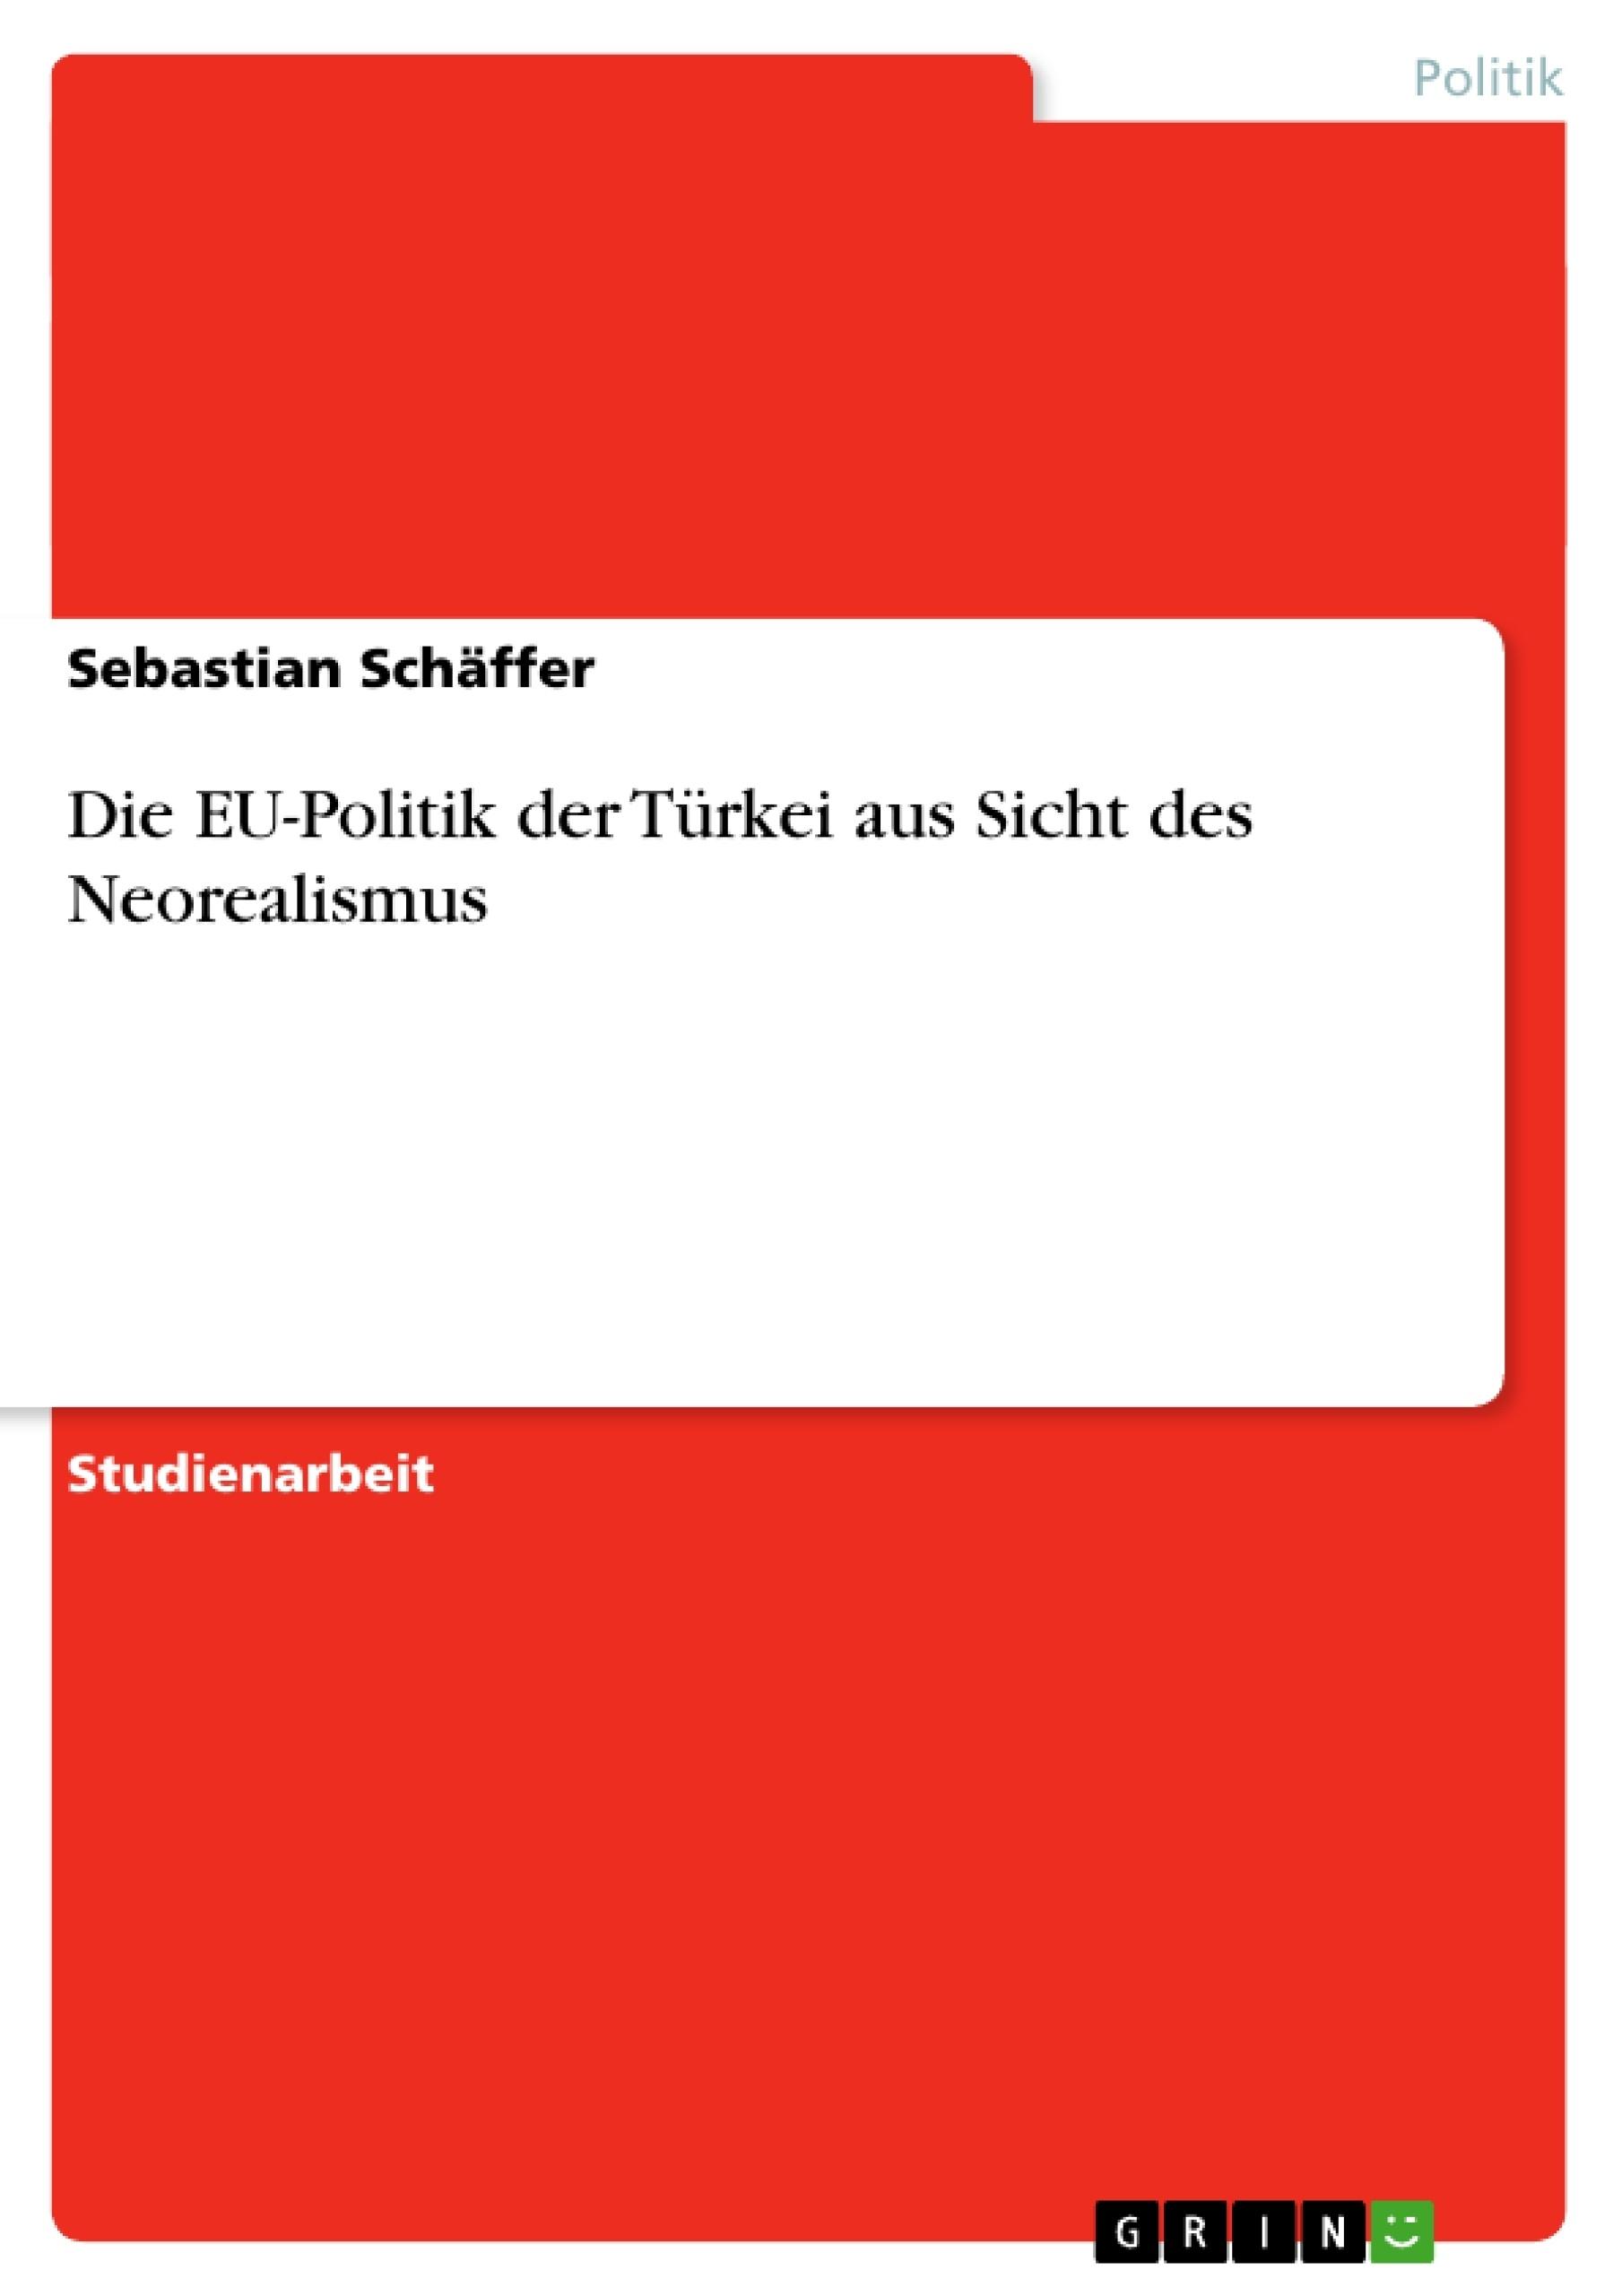 Titel: Die EU-Politik der Türkei aus Sicht des Neorealismus